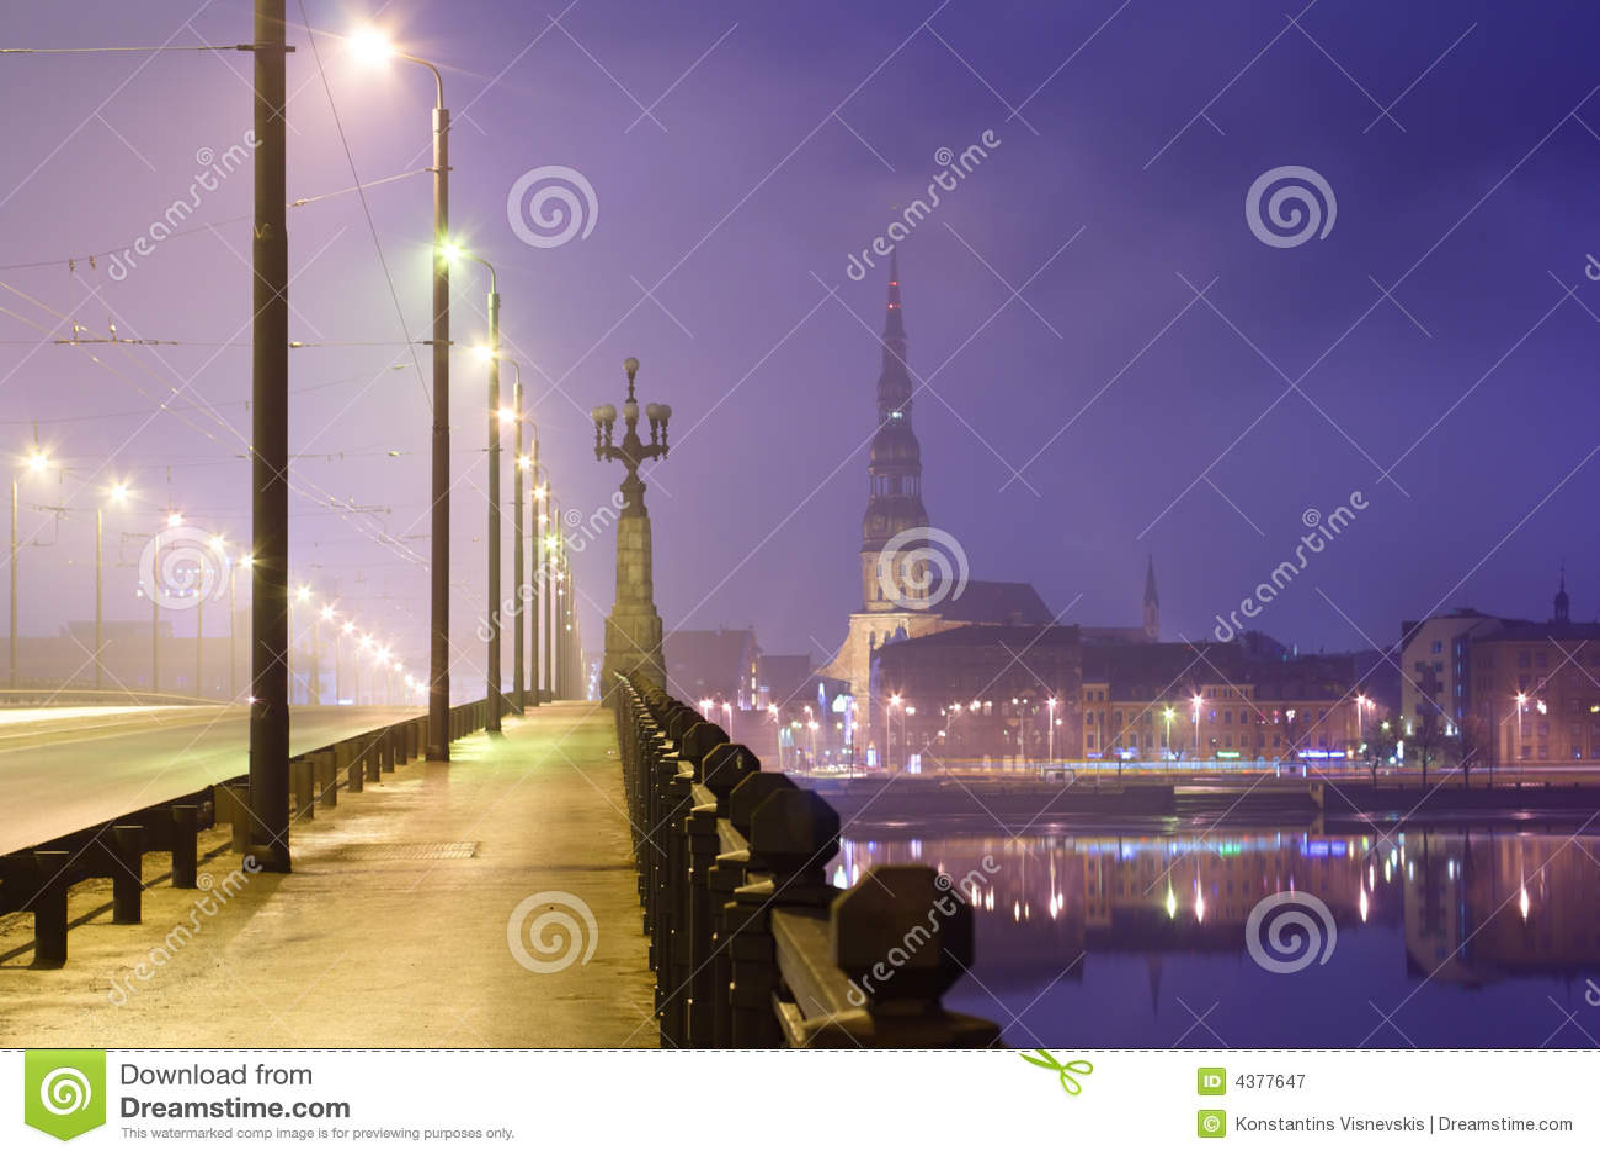 Riga in the night